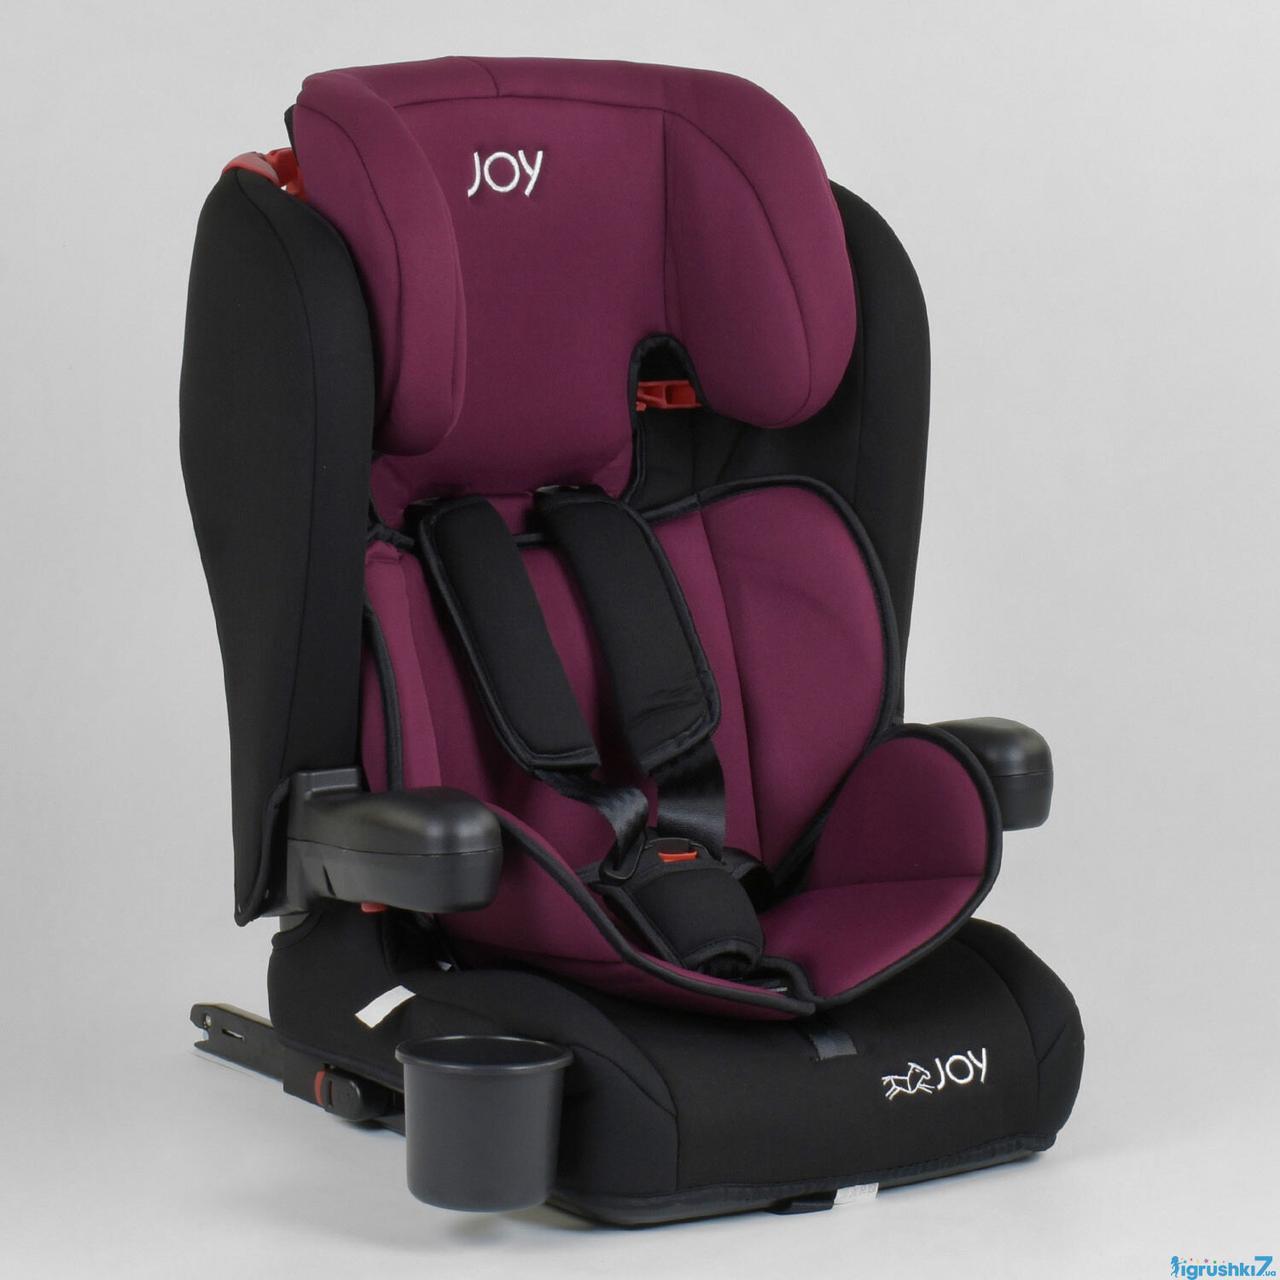 Автокресло детское Joy 73180 система ISOFIX черно-малиновое